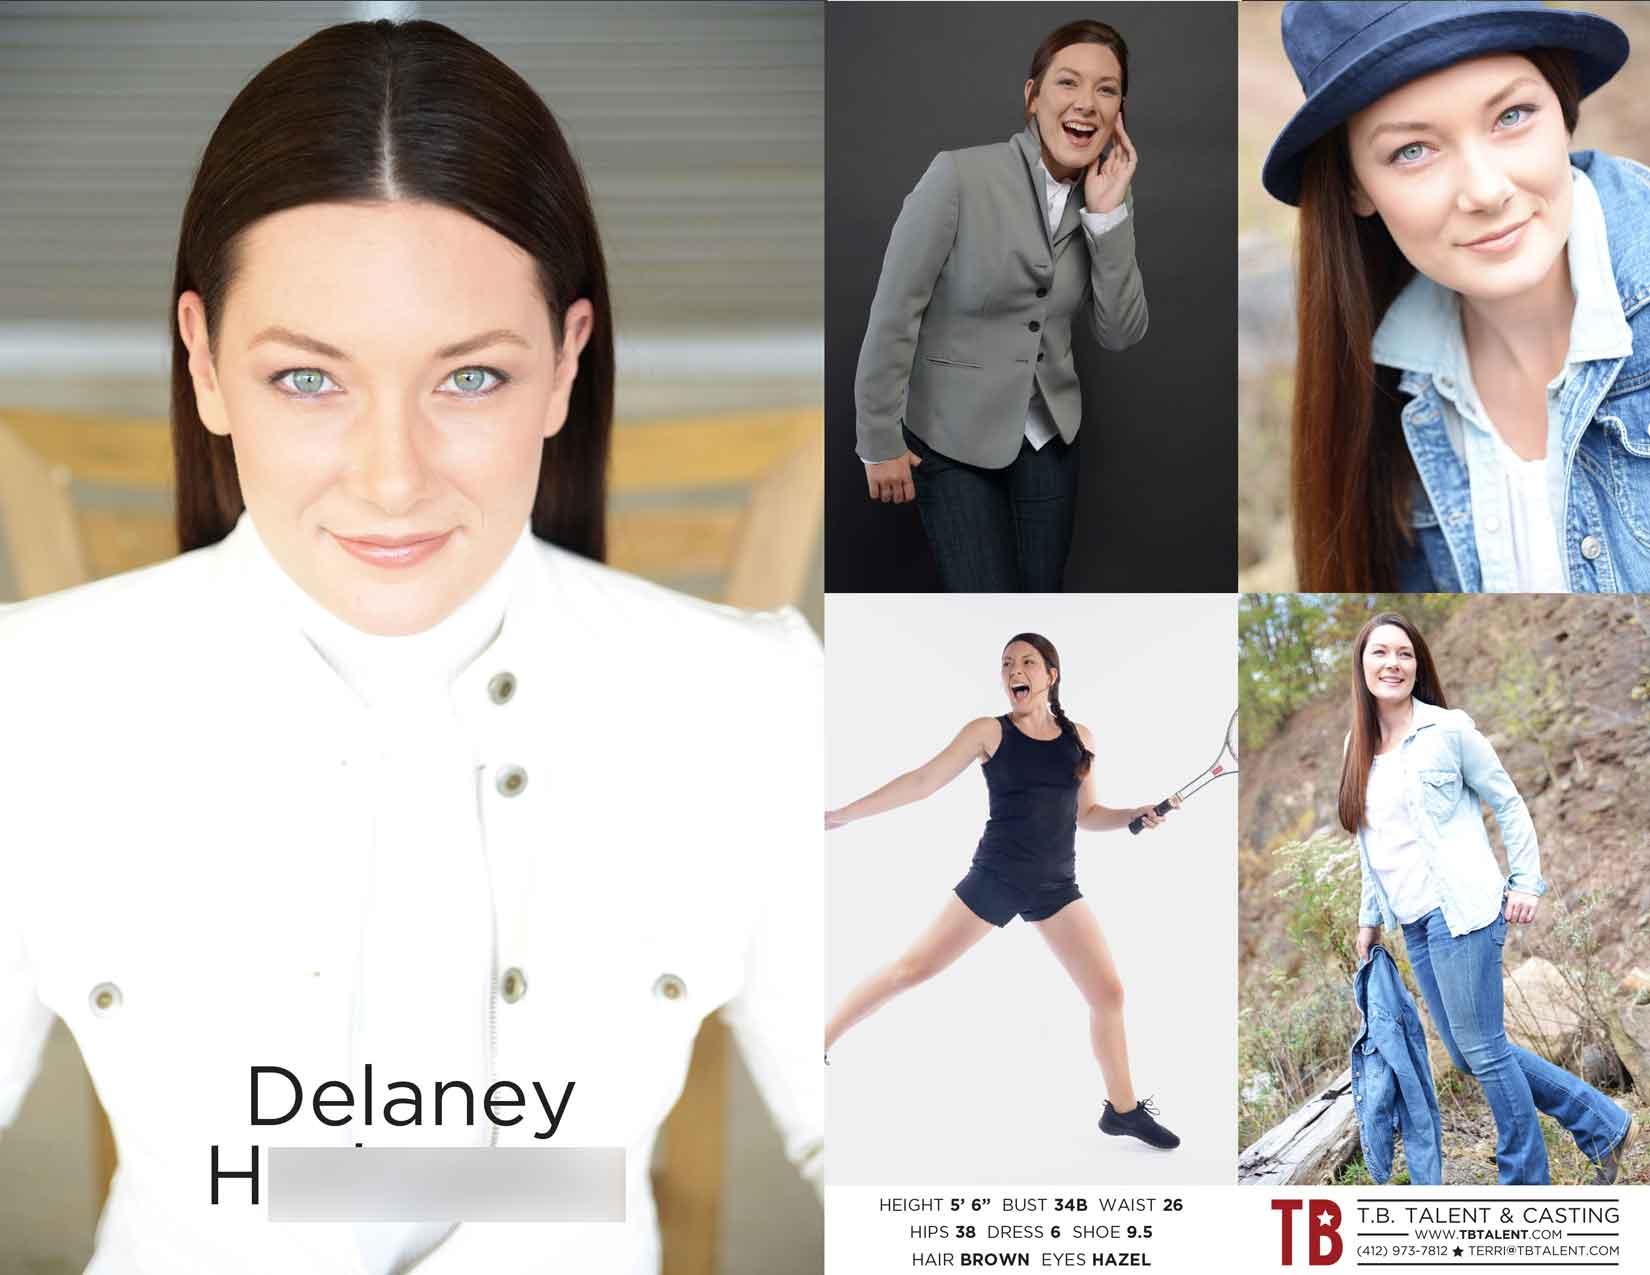 Talent Delaney H. TBTalent.com